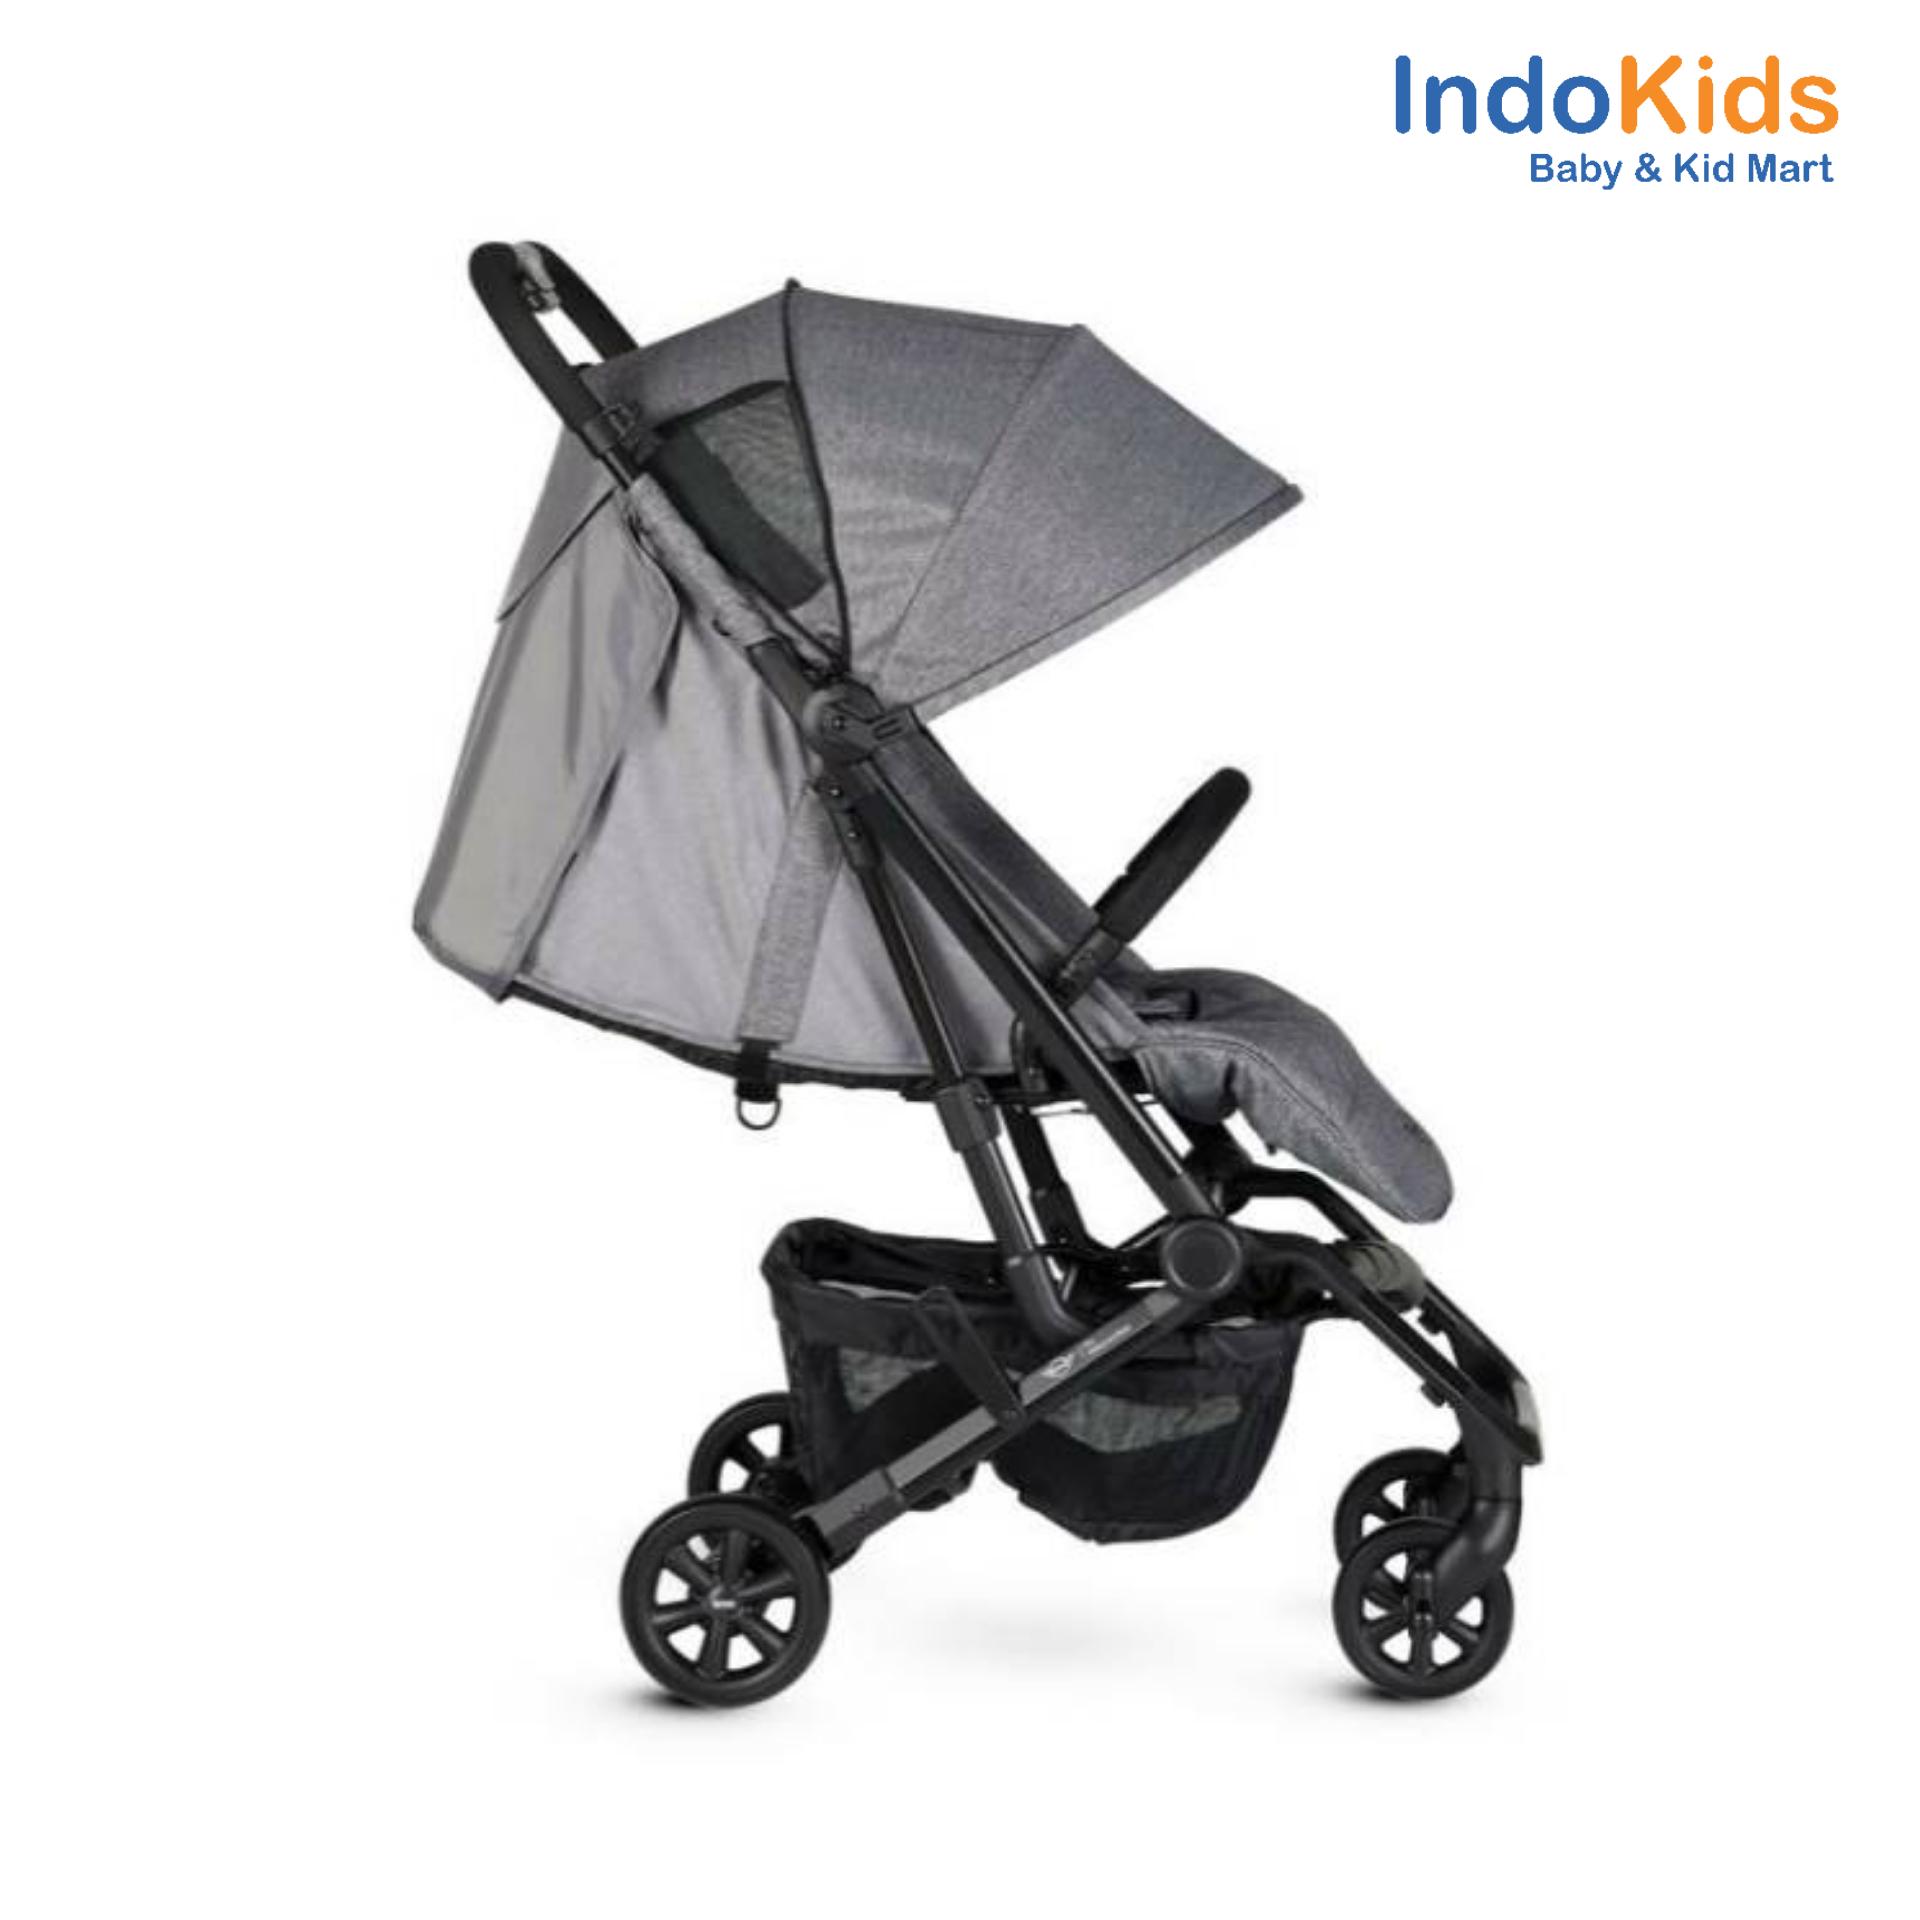 Easywalker Stroller Mini XS Soho Grey